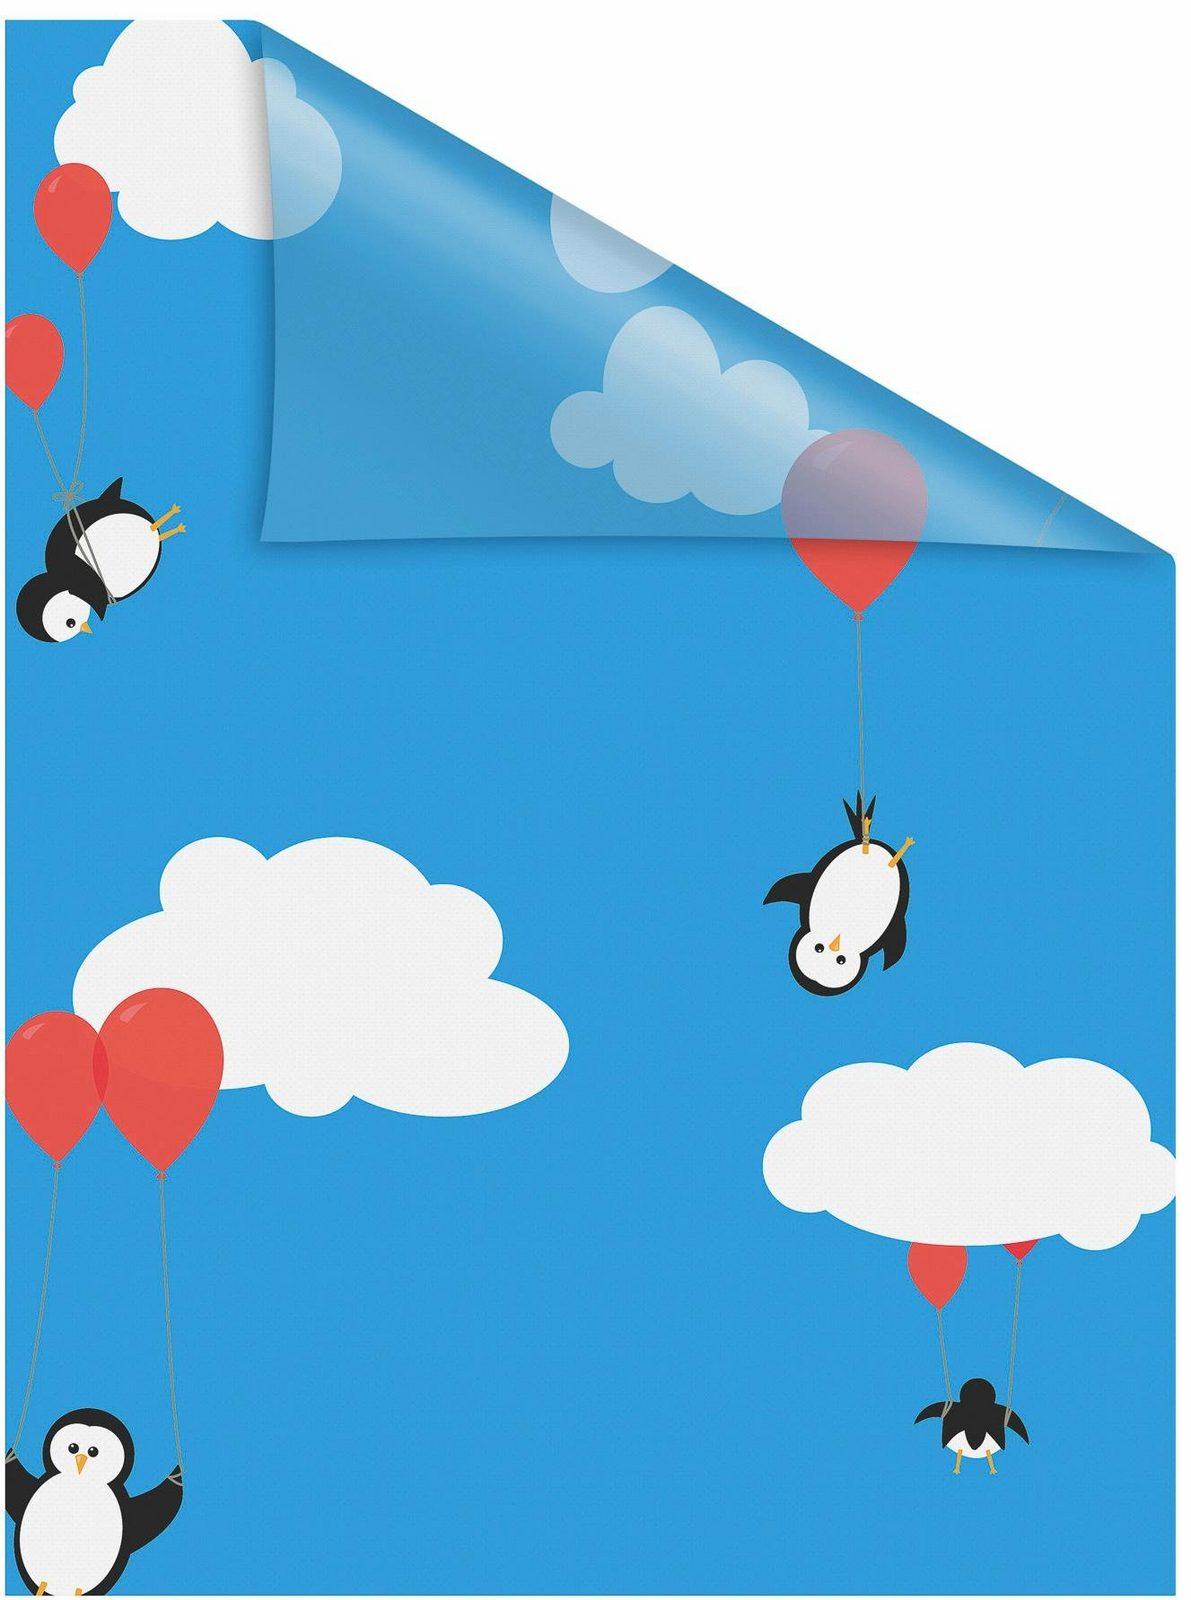 Fensterfolie »Pinguine«, LICHTBLICK, blickdicht, strukturiert, selbstklebend, Sichtschutz - broschei